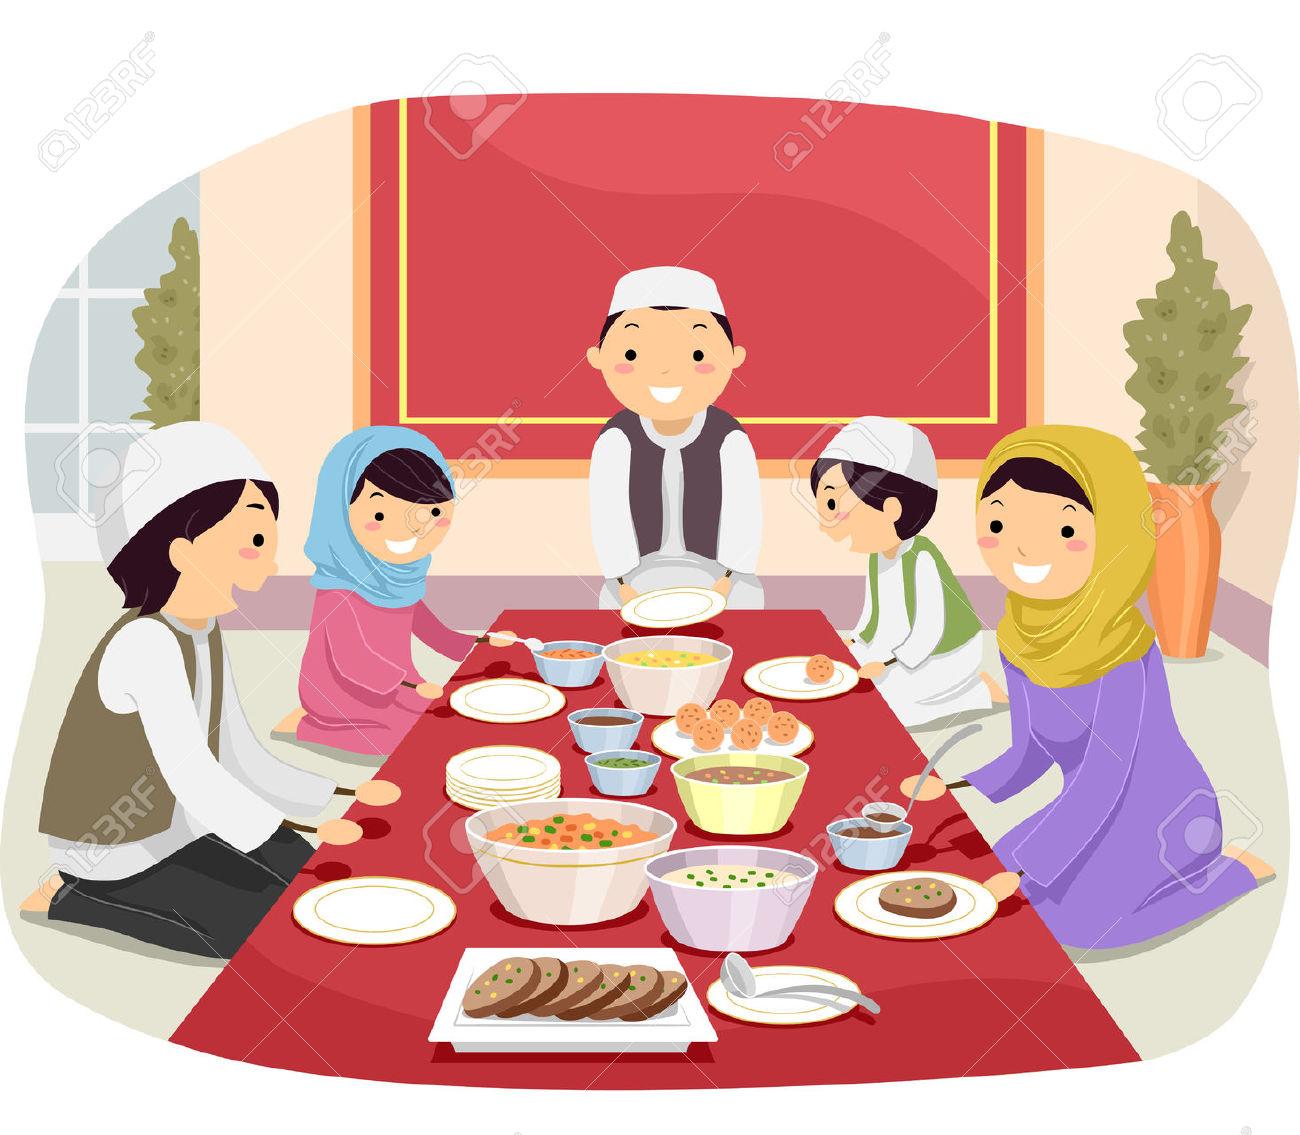 Familie beim essen clipart clip Stickman Illustration Einer Muslimischen Familie Essen Zusammen ... clip